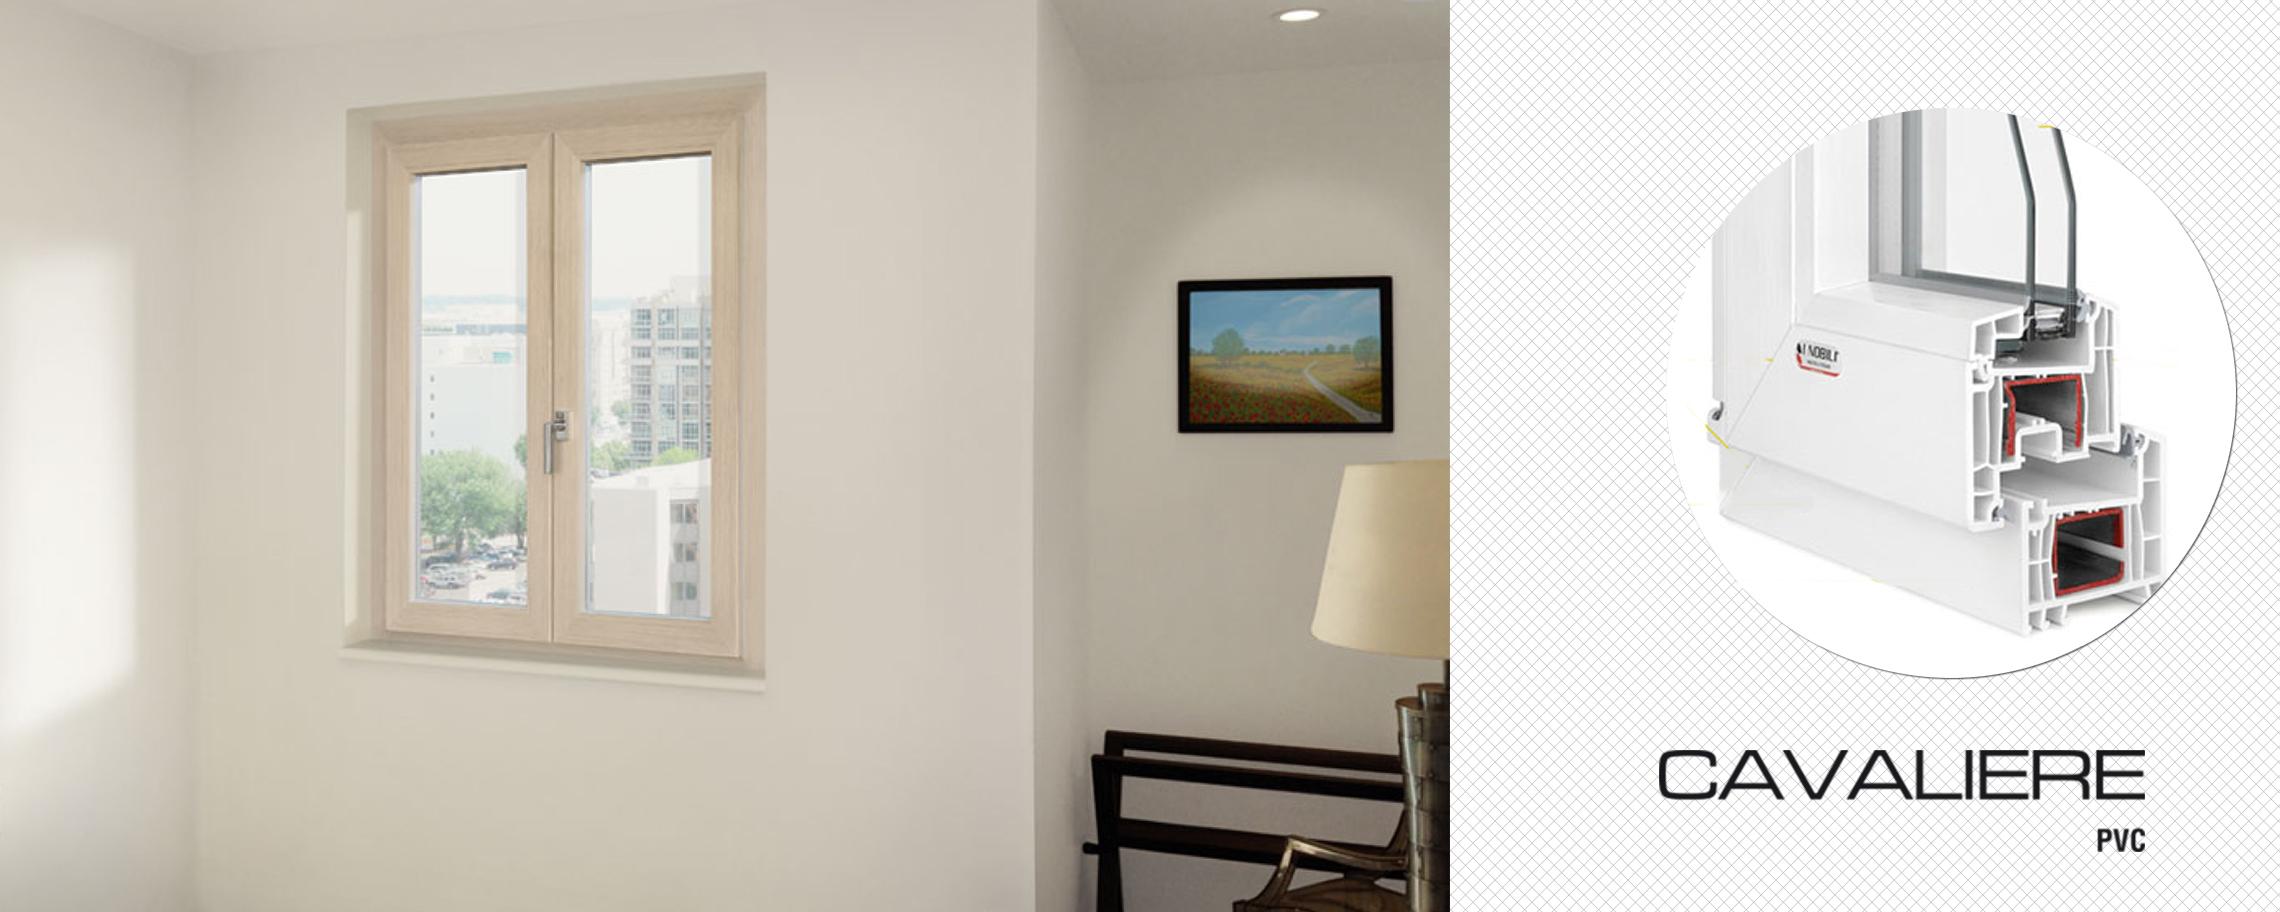 Offerte infissi pvc - Offerte finestre in pvc ...